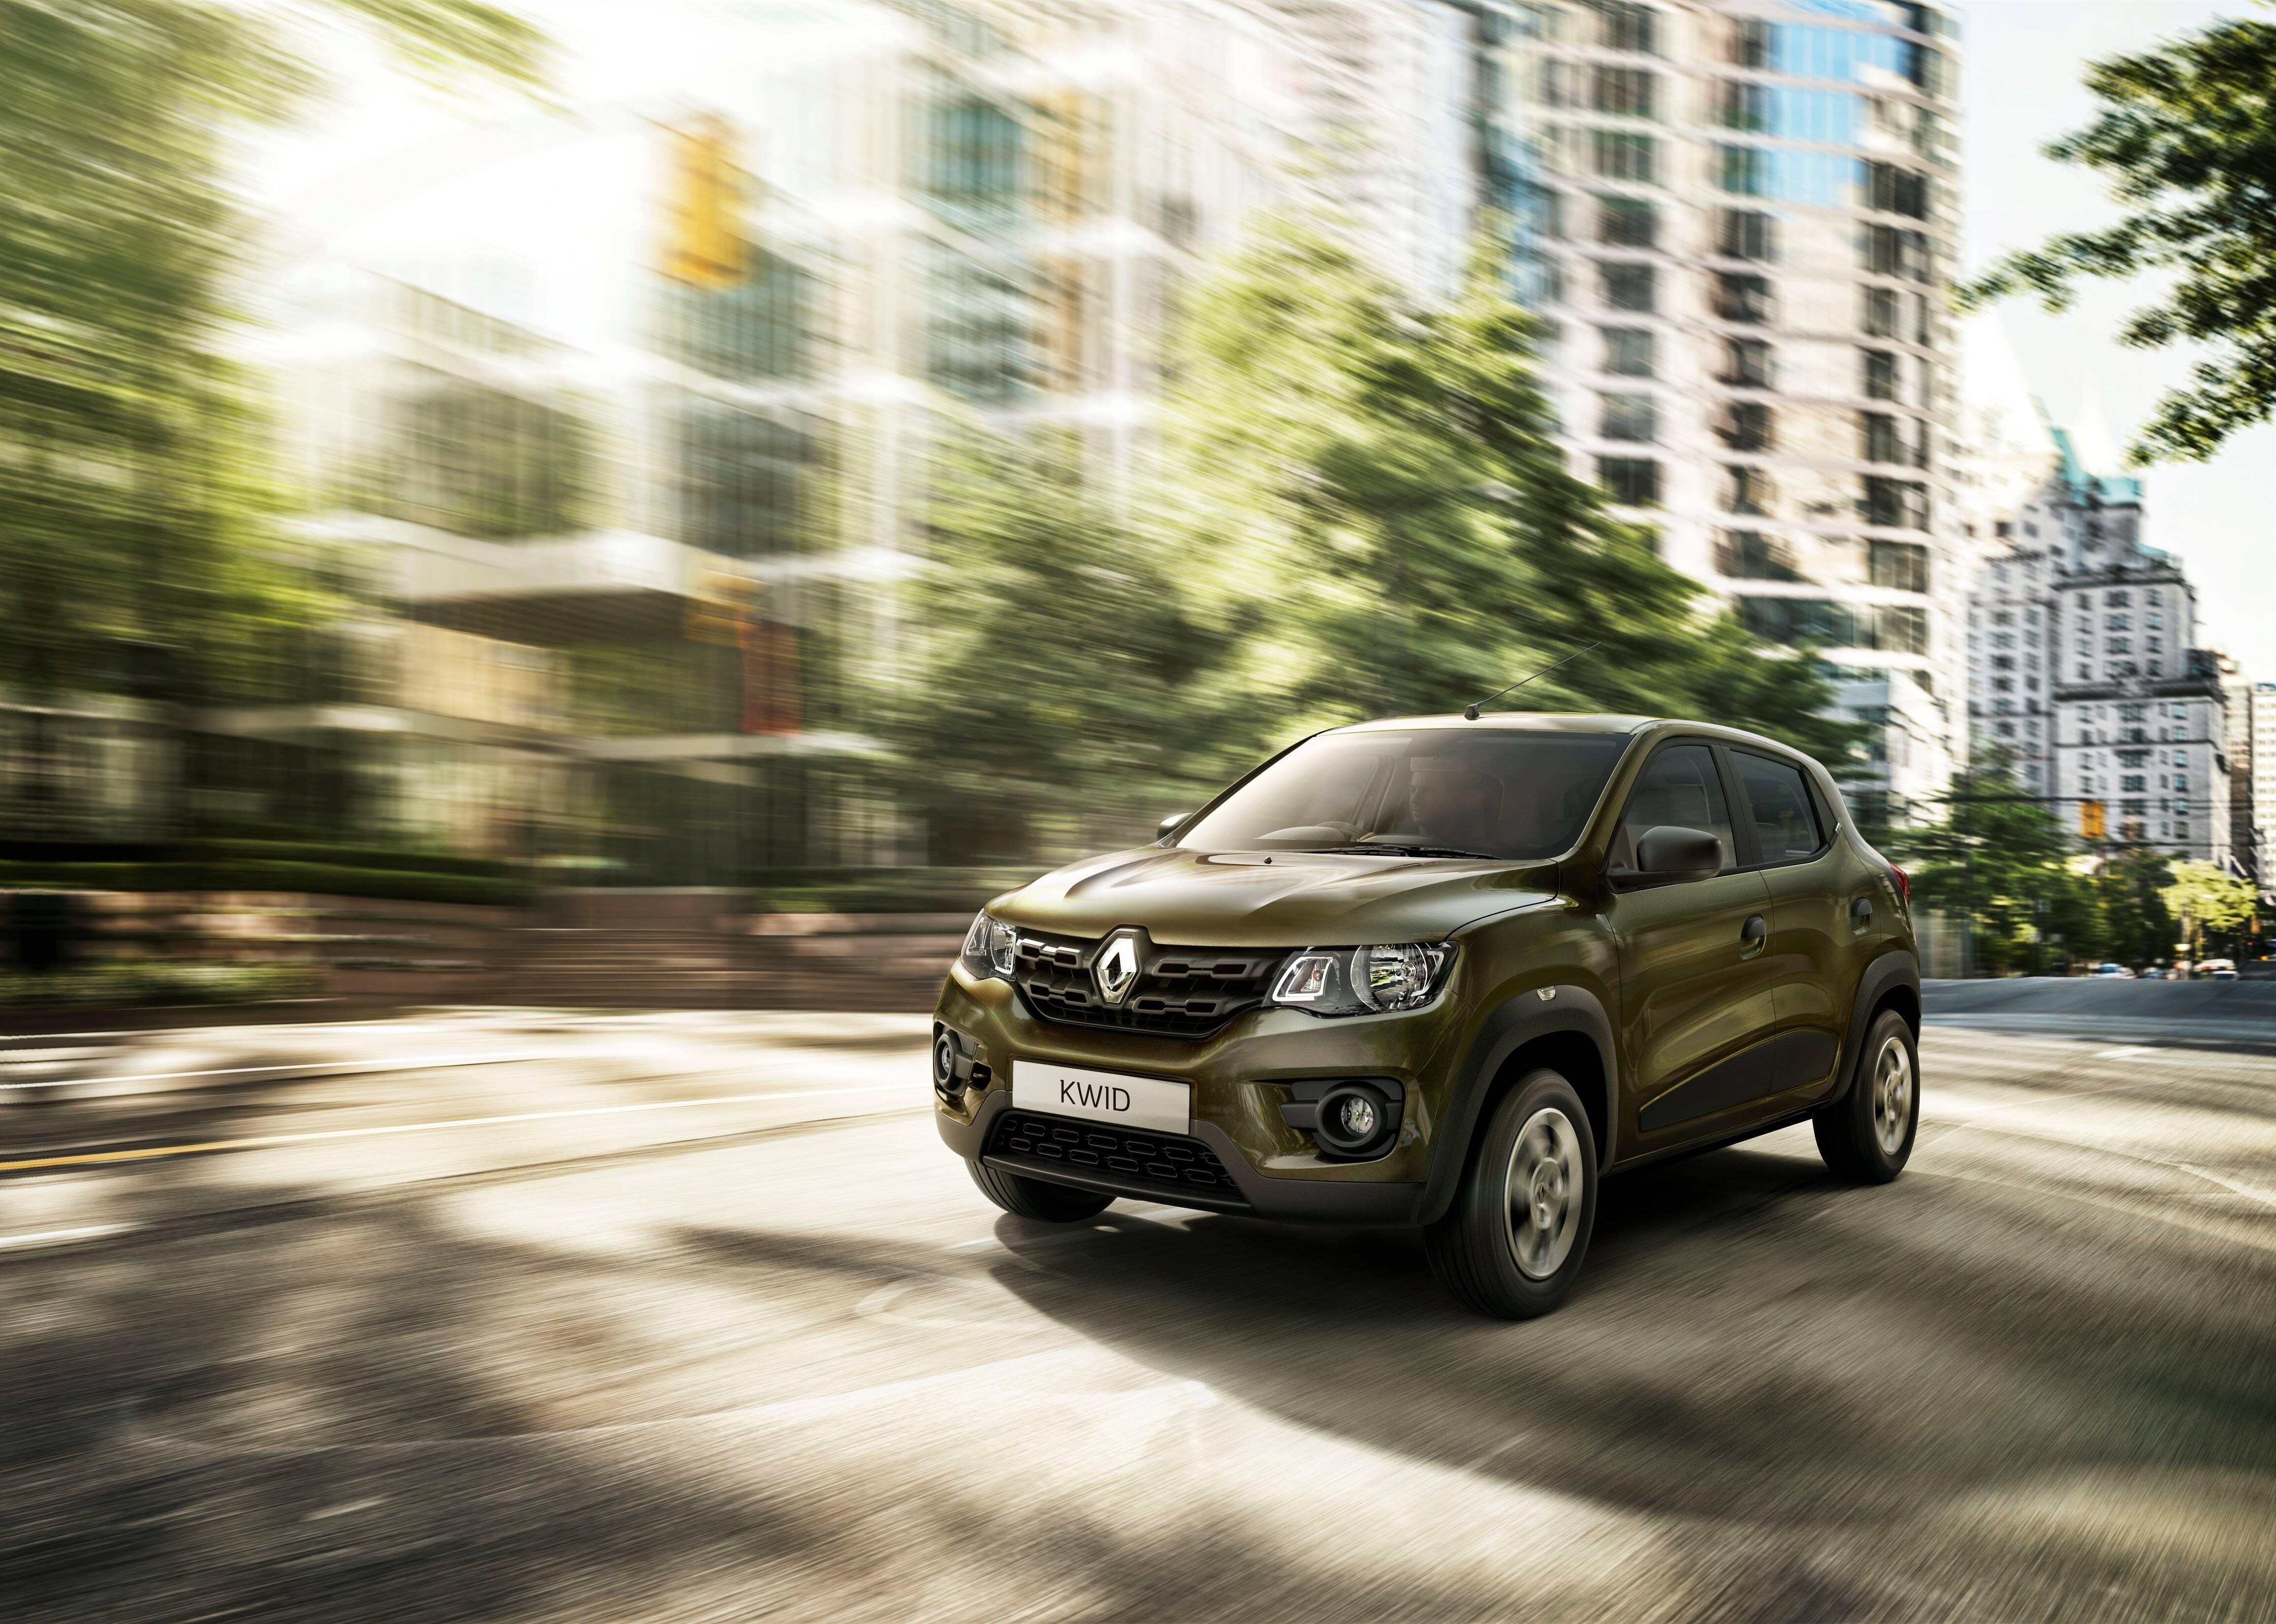 Renault Kwid. Foto: divulgação/Renault